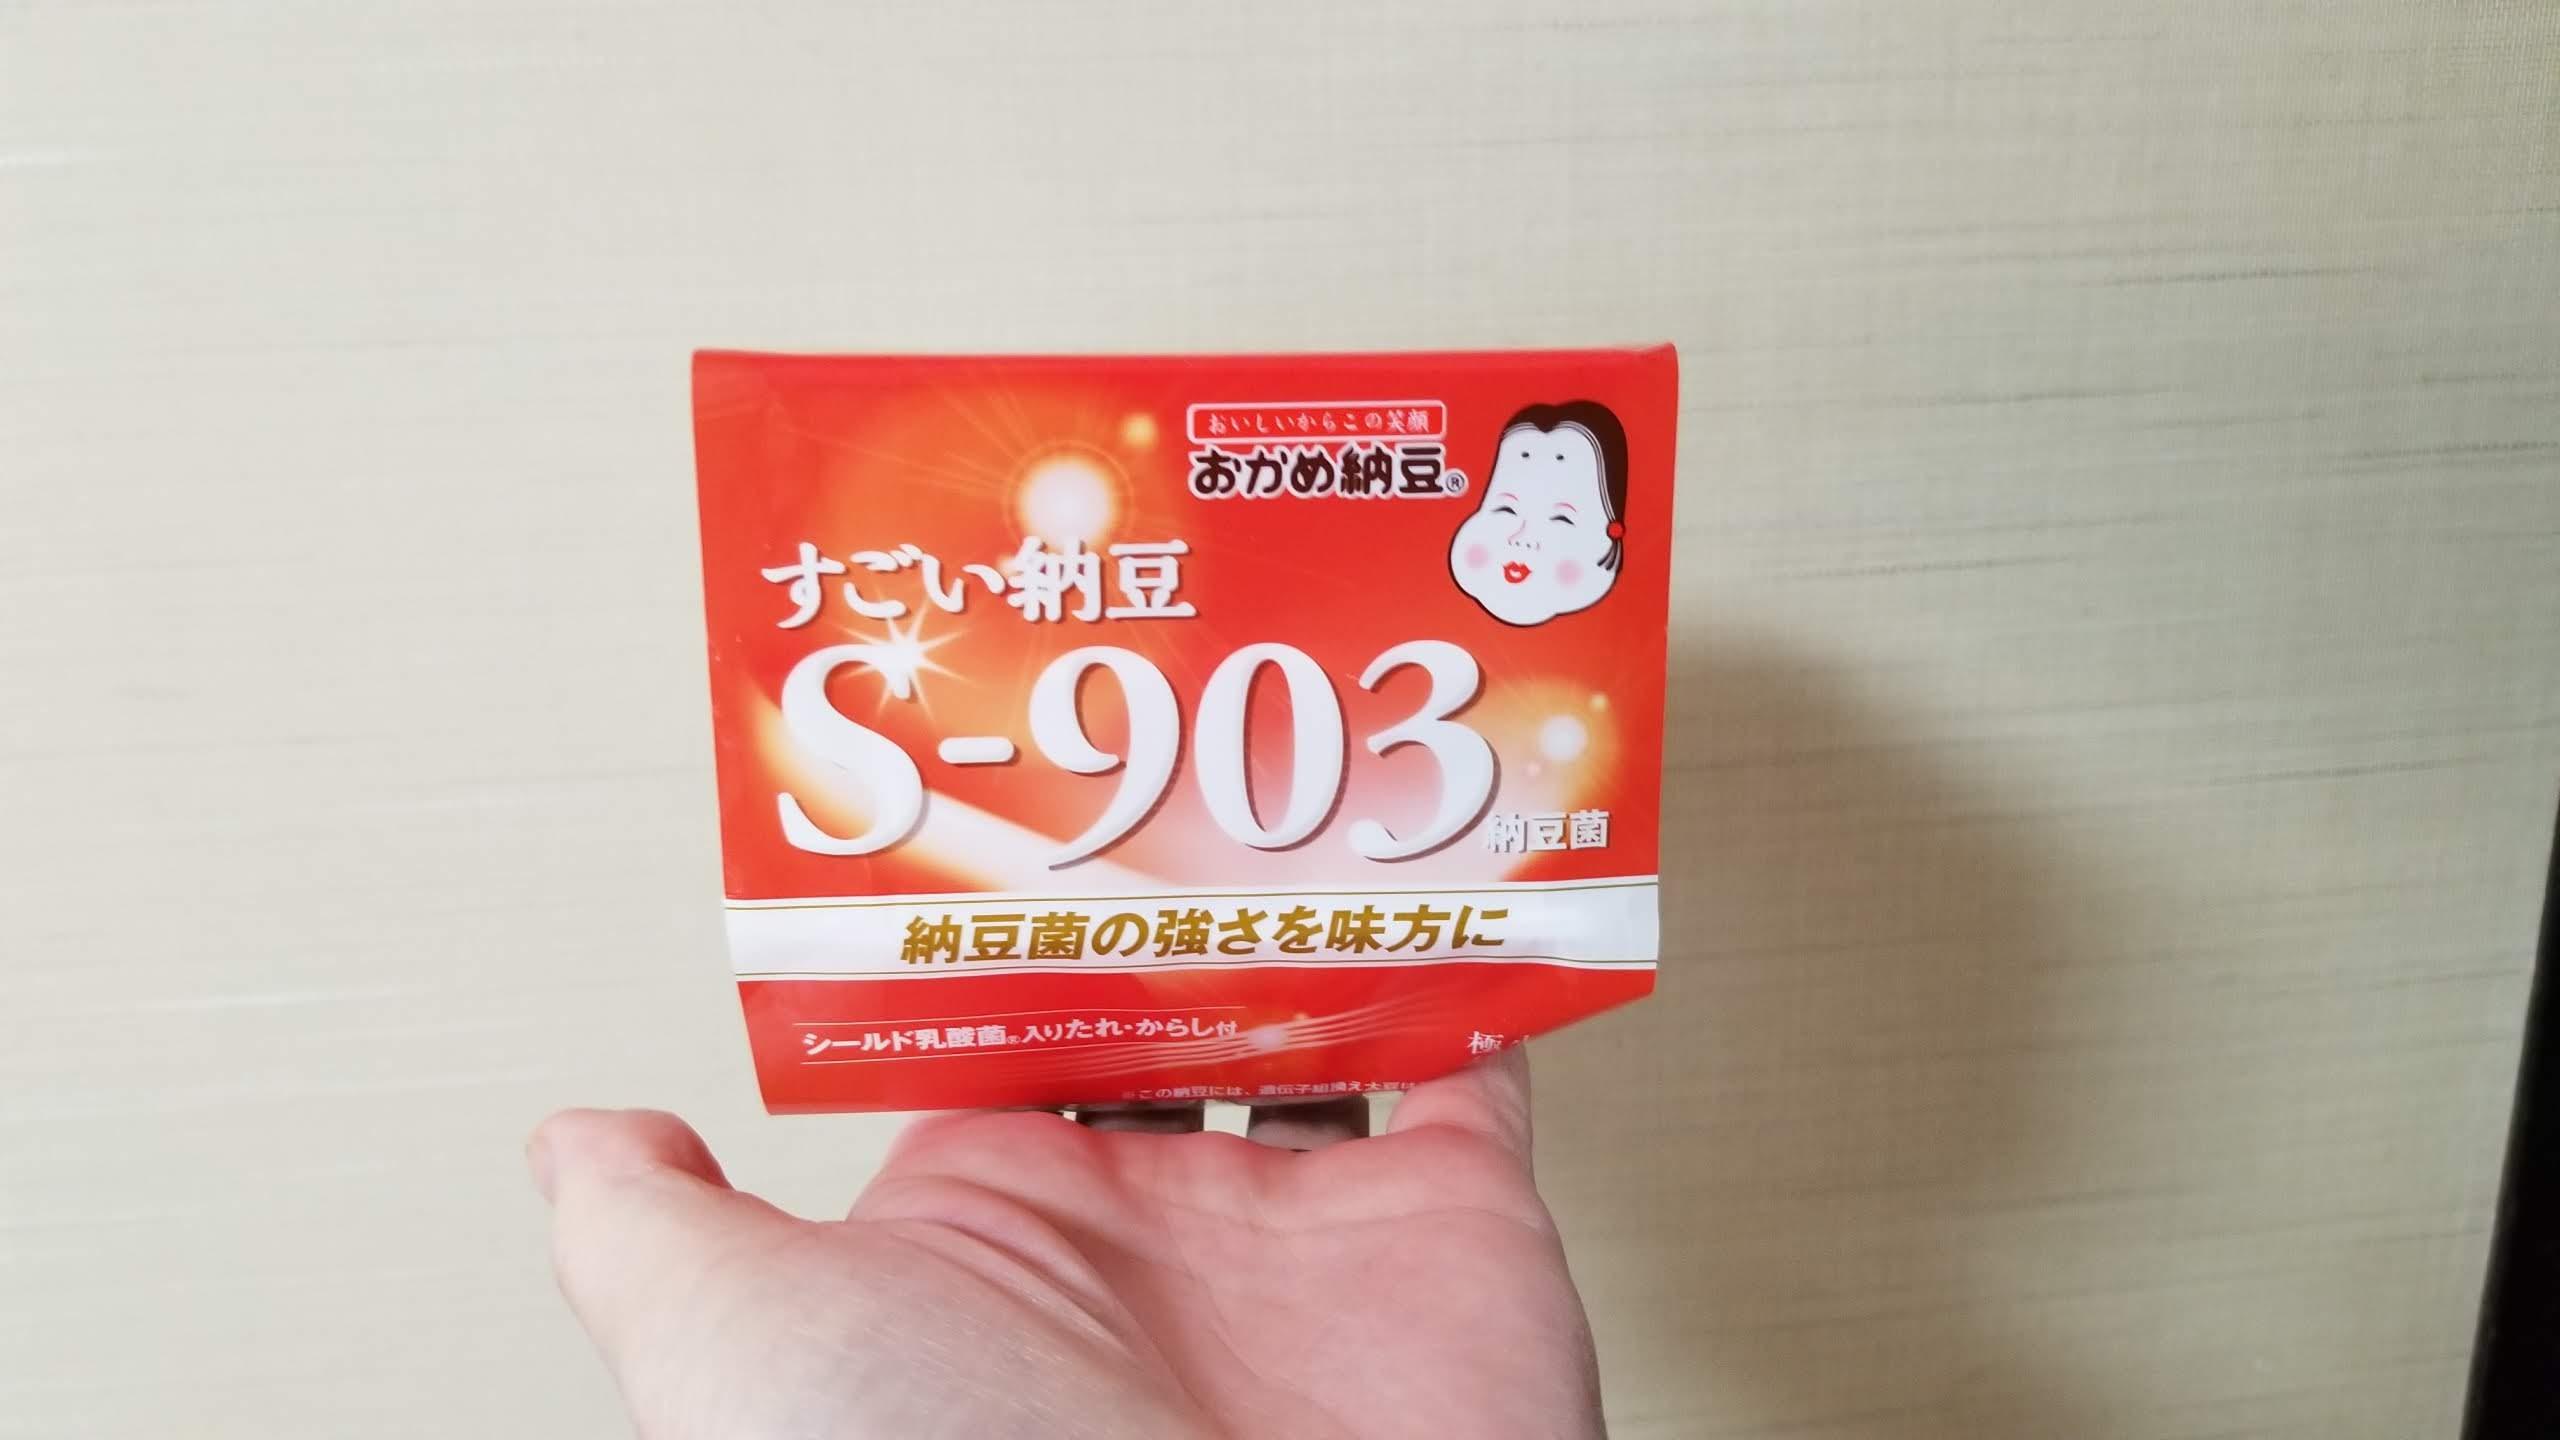 おかめ納豆「すごい納豆S-903」/タカノフーズ_20200417_061528